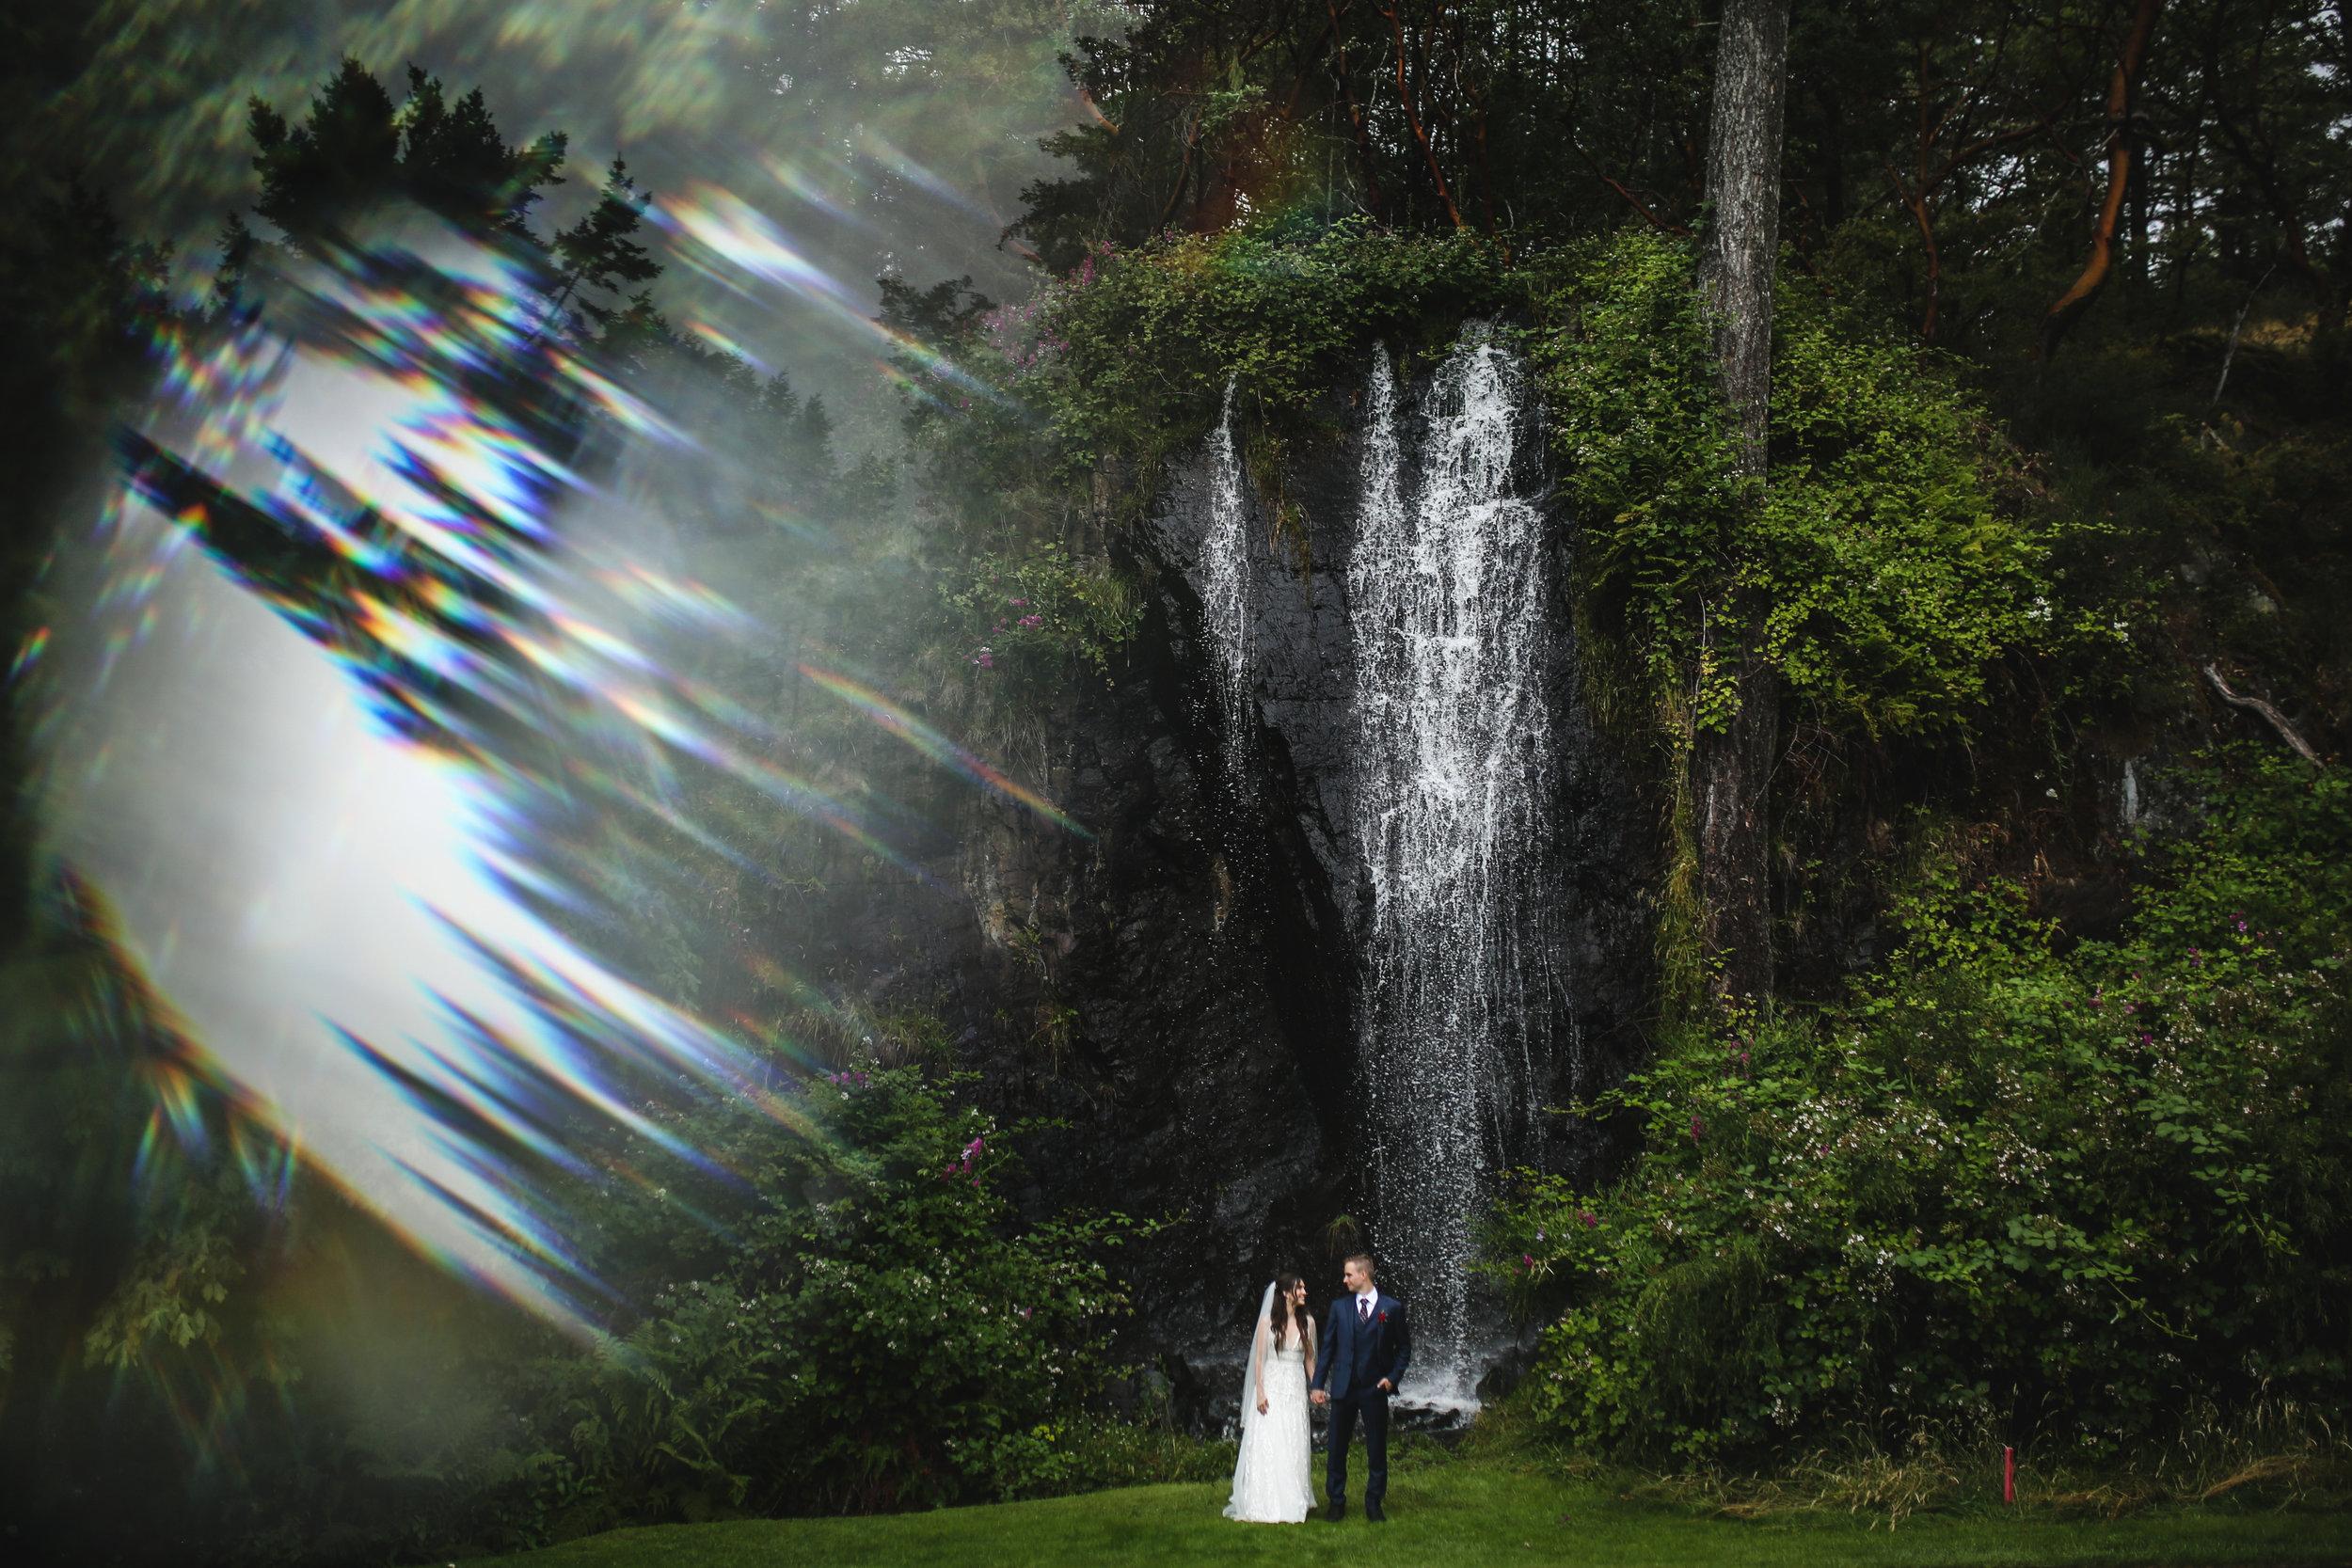 43 Adam Ziorio Photography - Allison & Austin's Wedding.jpg